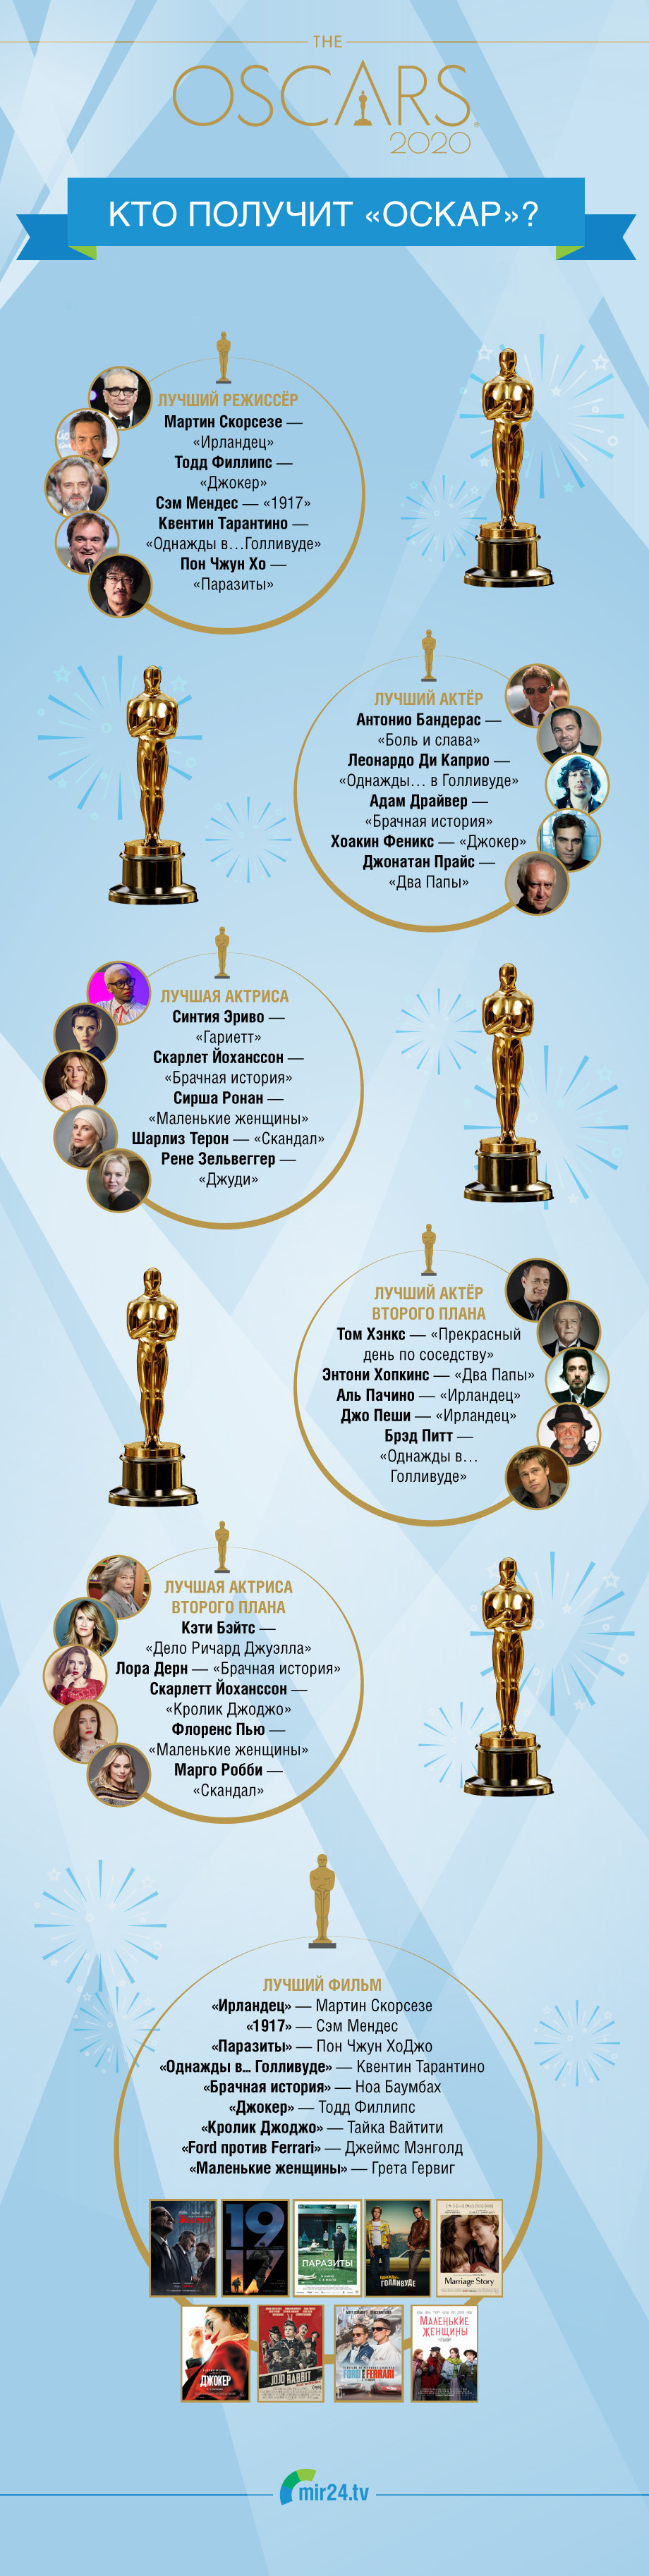 В ожидании «Оскара»: кто претендует на золотую статуэтку в 2020 году